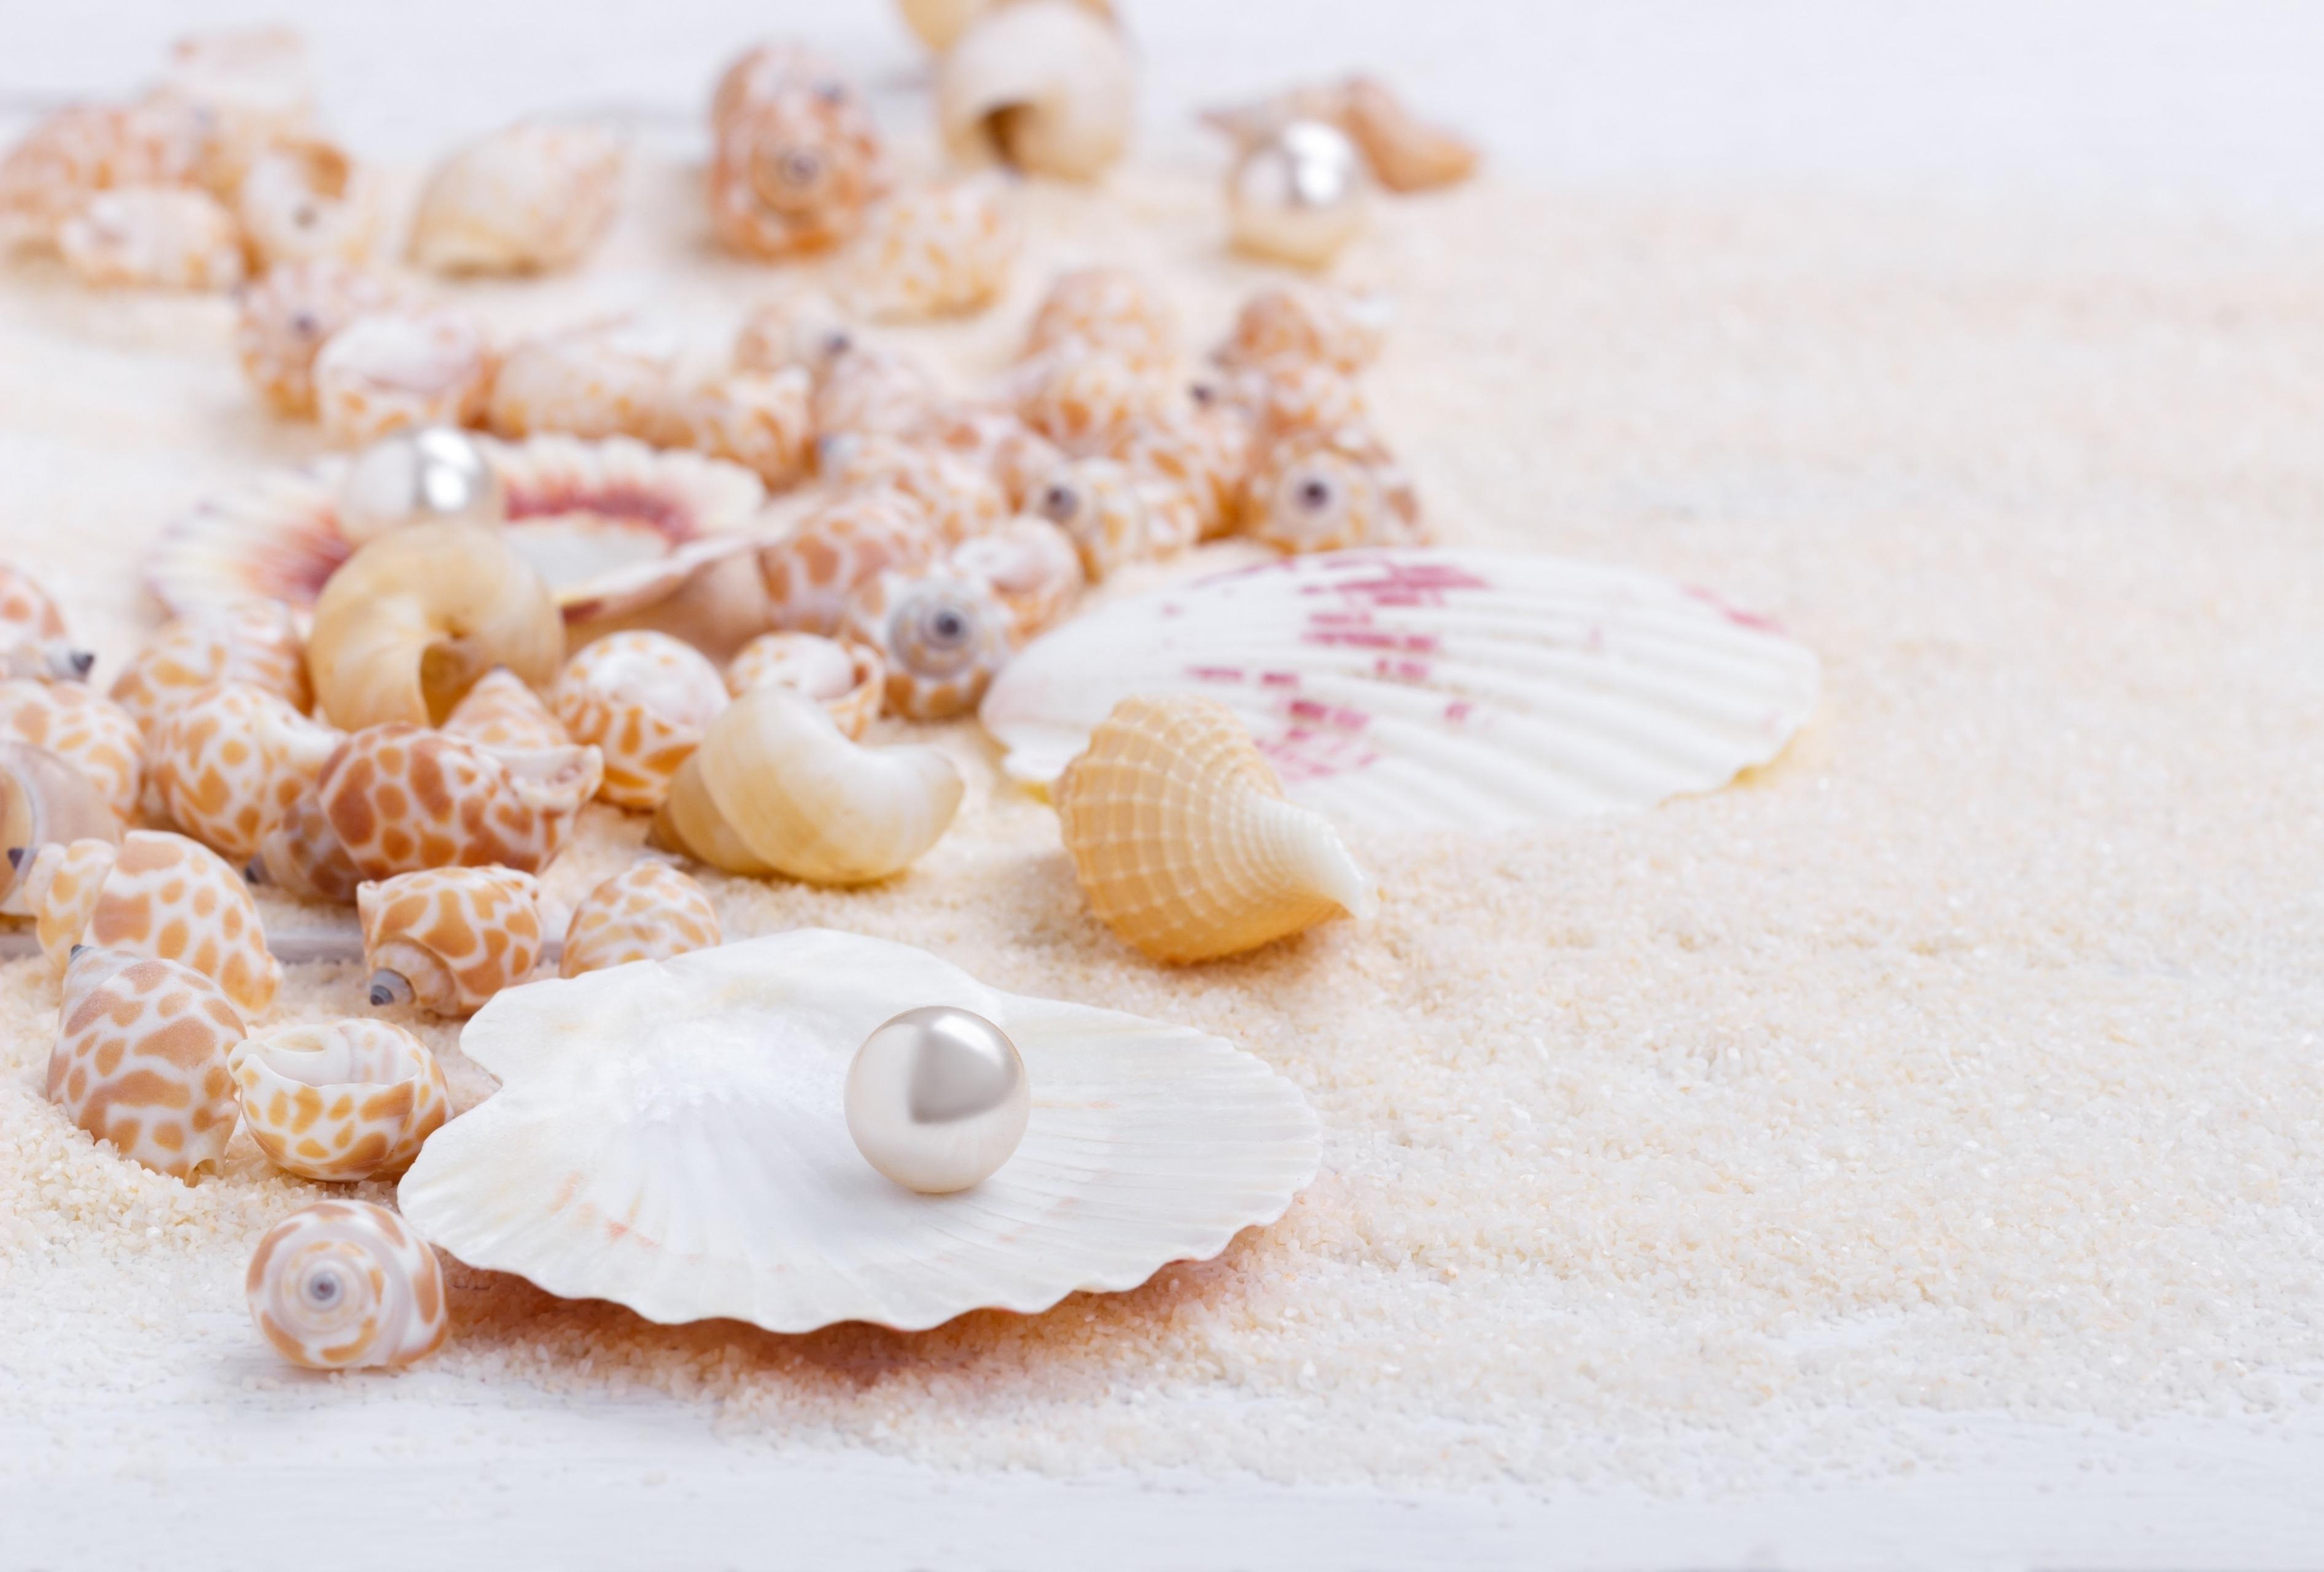 предлагает белый морской песок фото отважились связаться разделкой